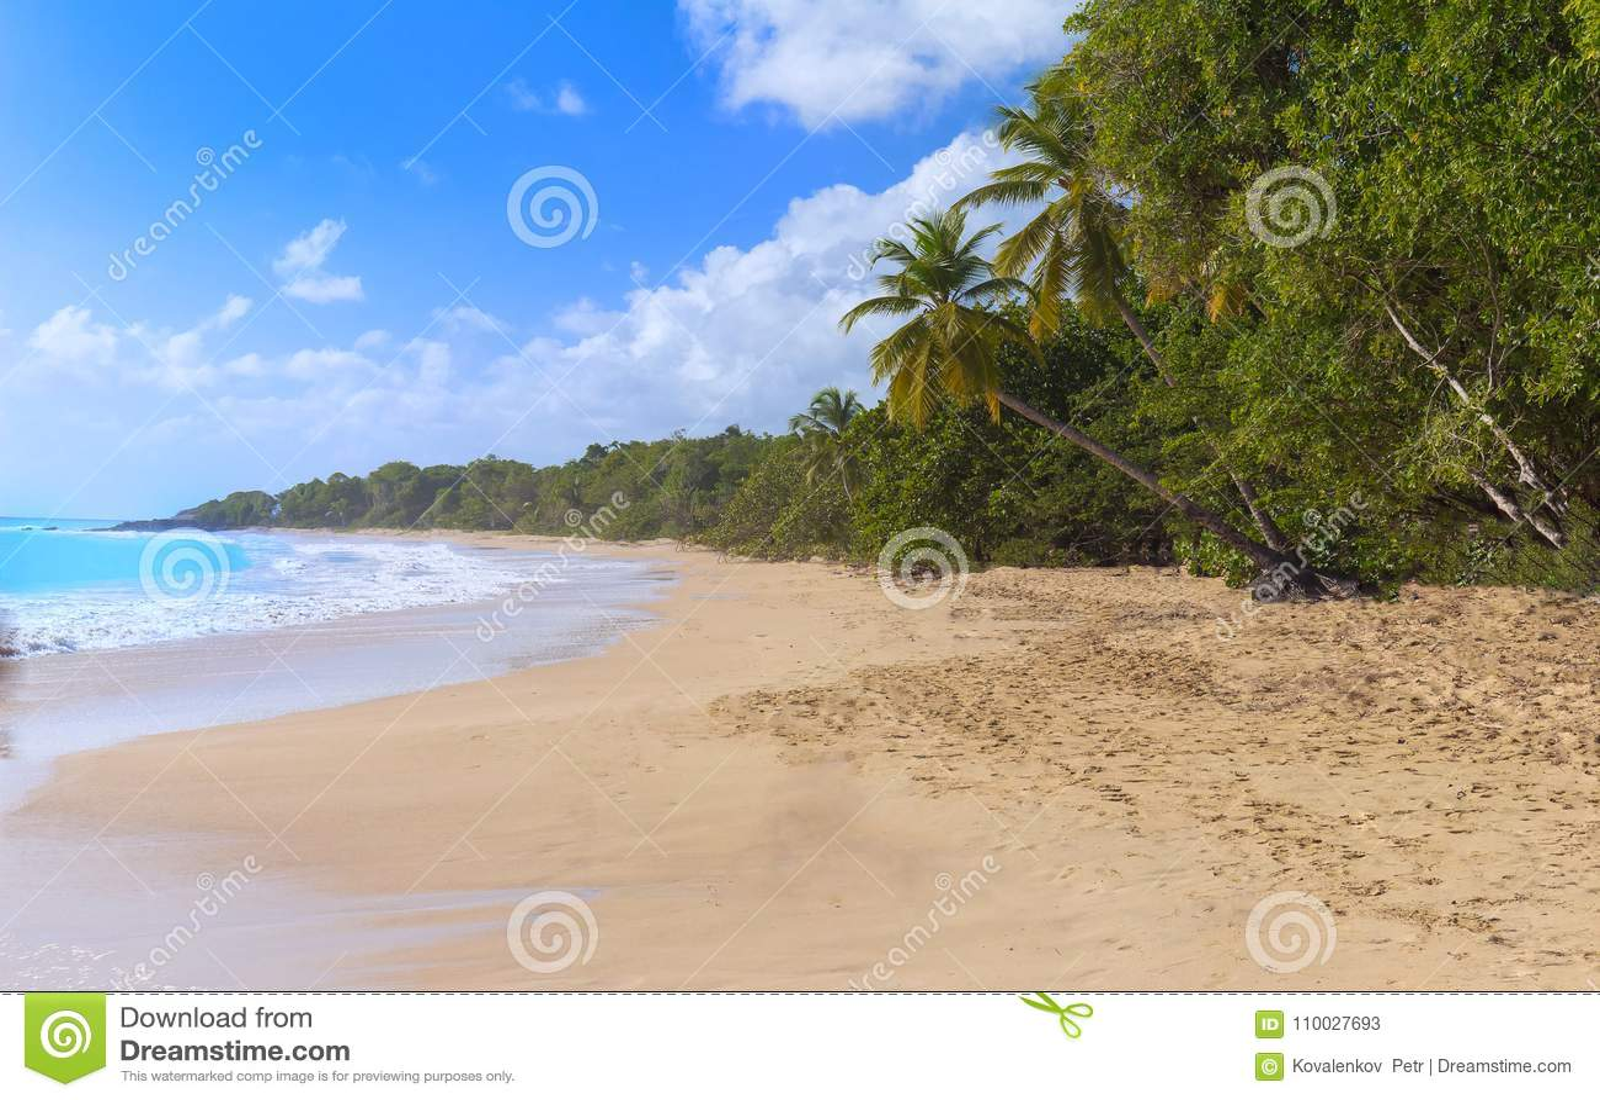 Het Caraïbische strand, het eiland van Martinique